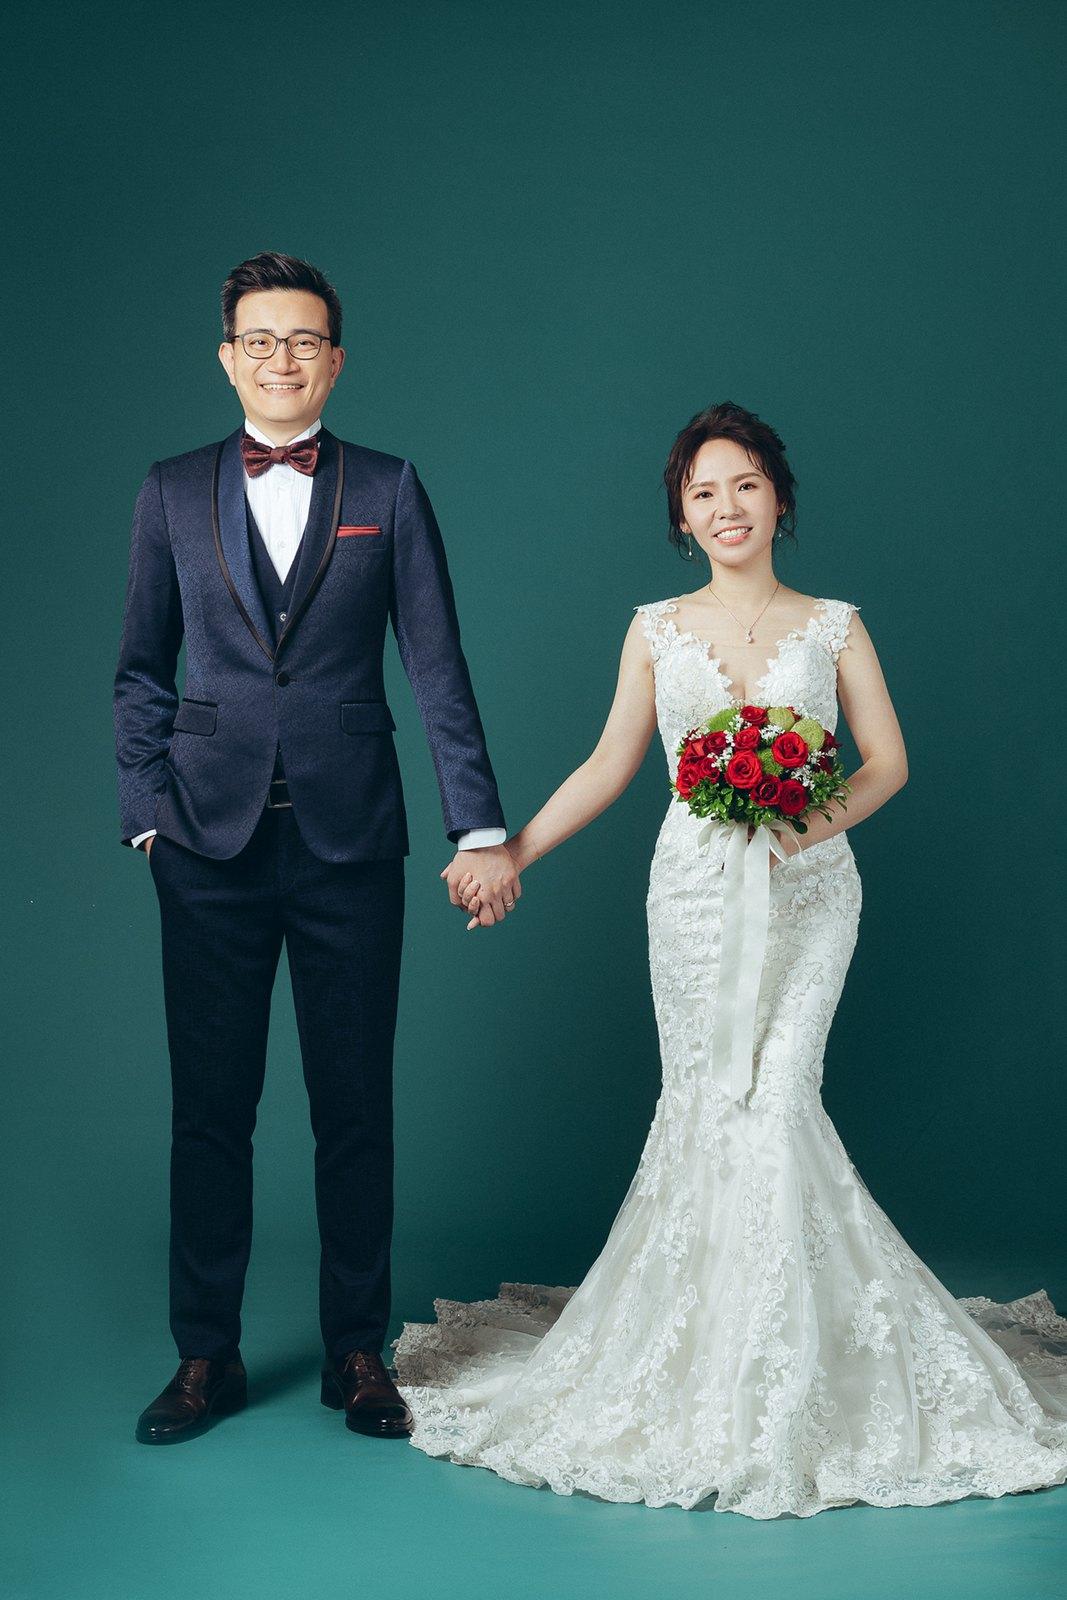 【婚紗】Ou & Zhen / 婚紗意象 / 淡水沙崙 / EASTERN WEDDING Studio